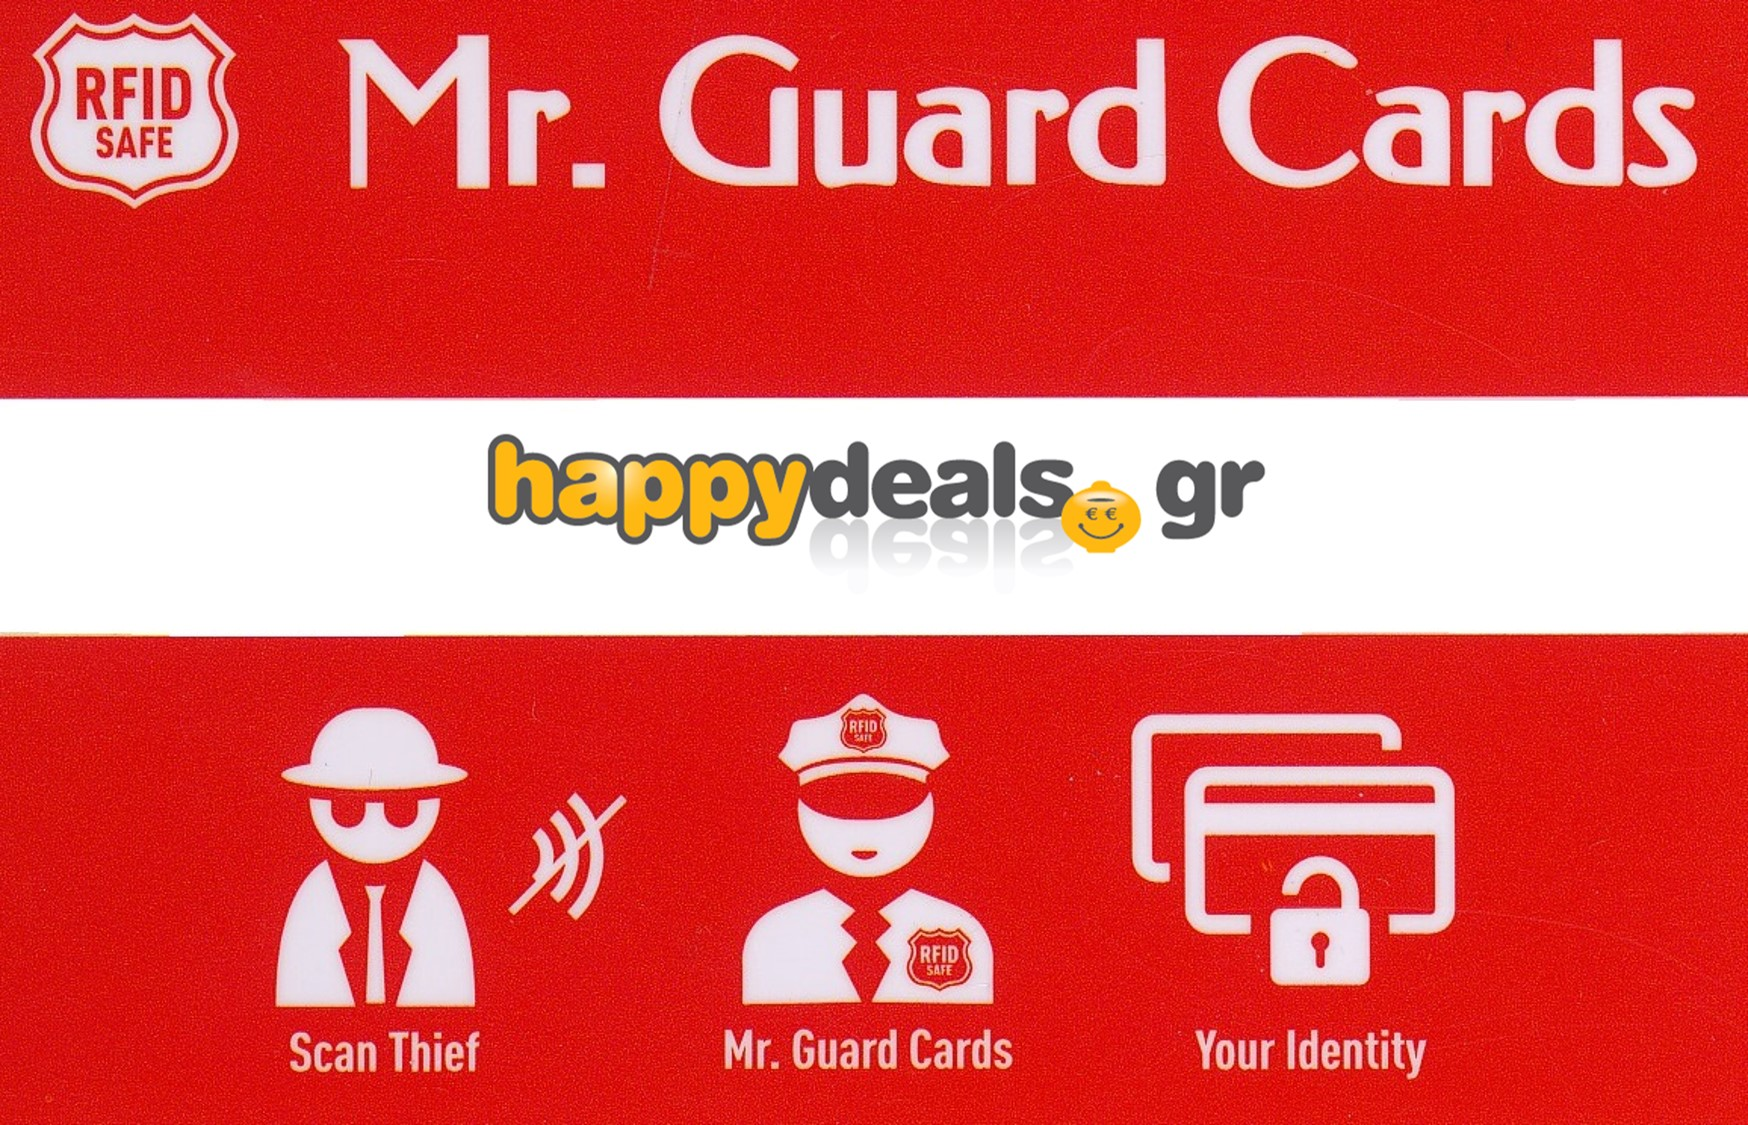 15€ από 30€ για την Security Card (Κάρτα Προστασίας Ανέπαφων Συναλλαγών), που προστατεύει γρήγορα και εύκολα τις κάρτες σας από επίδοξους κλέφτες. Για πρώτη φορά στην Ελλάδα, Αποκλειστικά από το Happydeals!